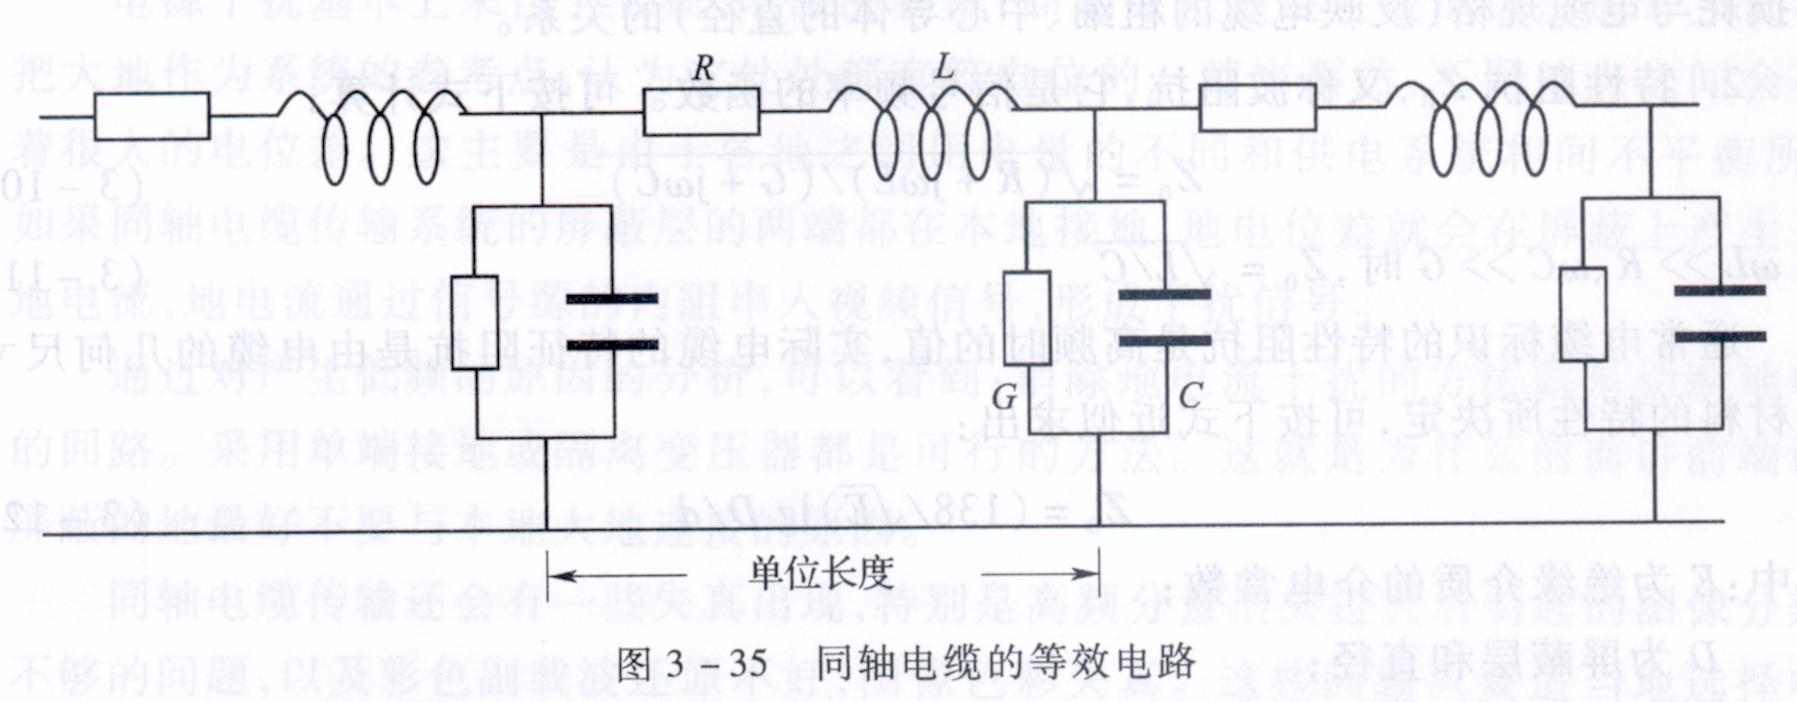 介质(物理或化学发泡聚乙烯)和空心结构可构成类似空气介质的同轴电缆